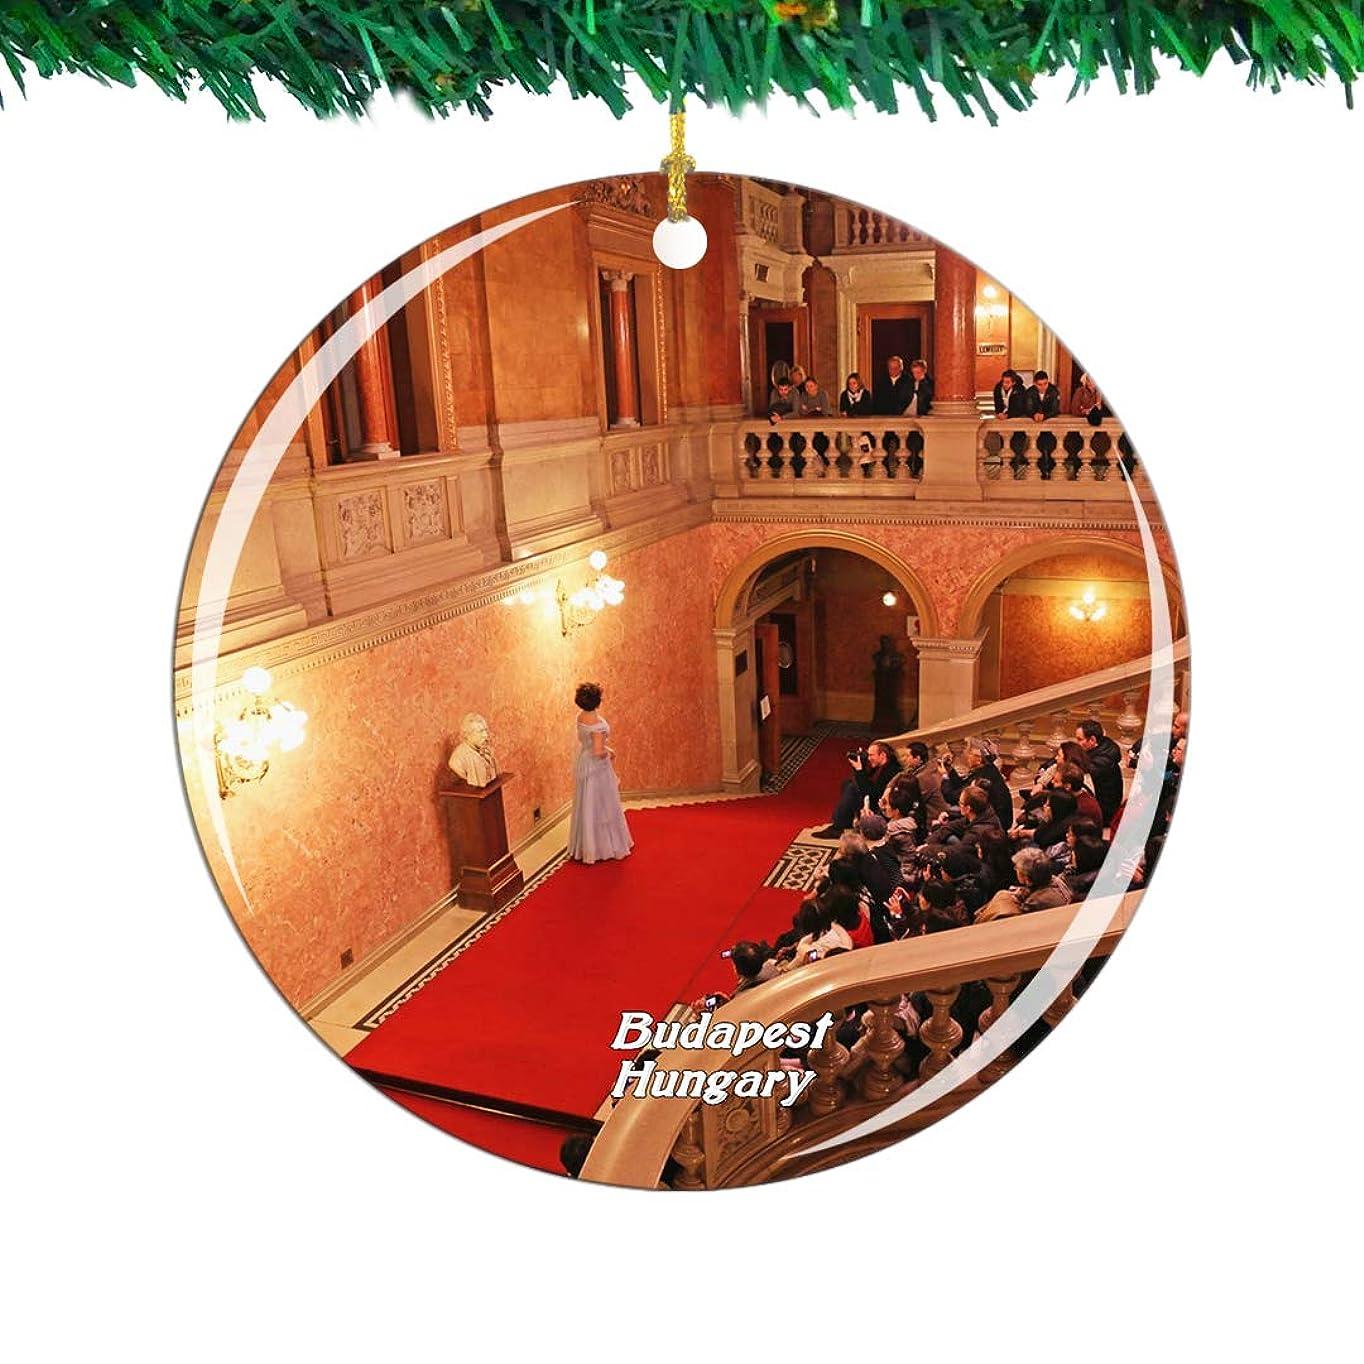 バンジョーかりて美徳Weekino ハンガリーハンガリー国立歌劇場ブダペストクリスマスオーナメントシティ旅行お土産コレクション両面 磁器2.85インチ ぶら下がっている木の装飾